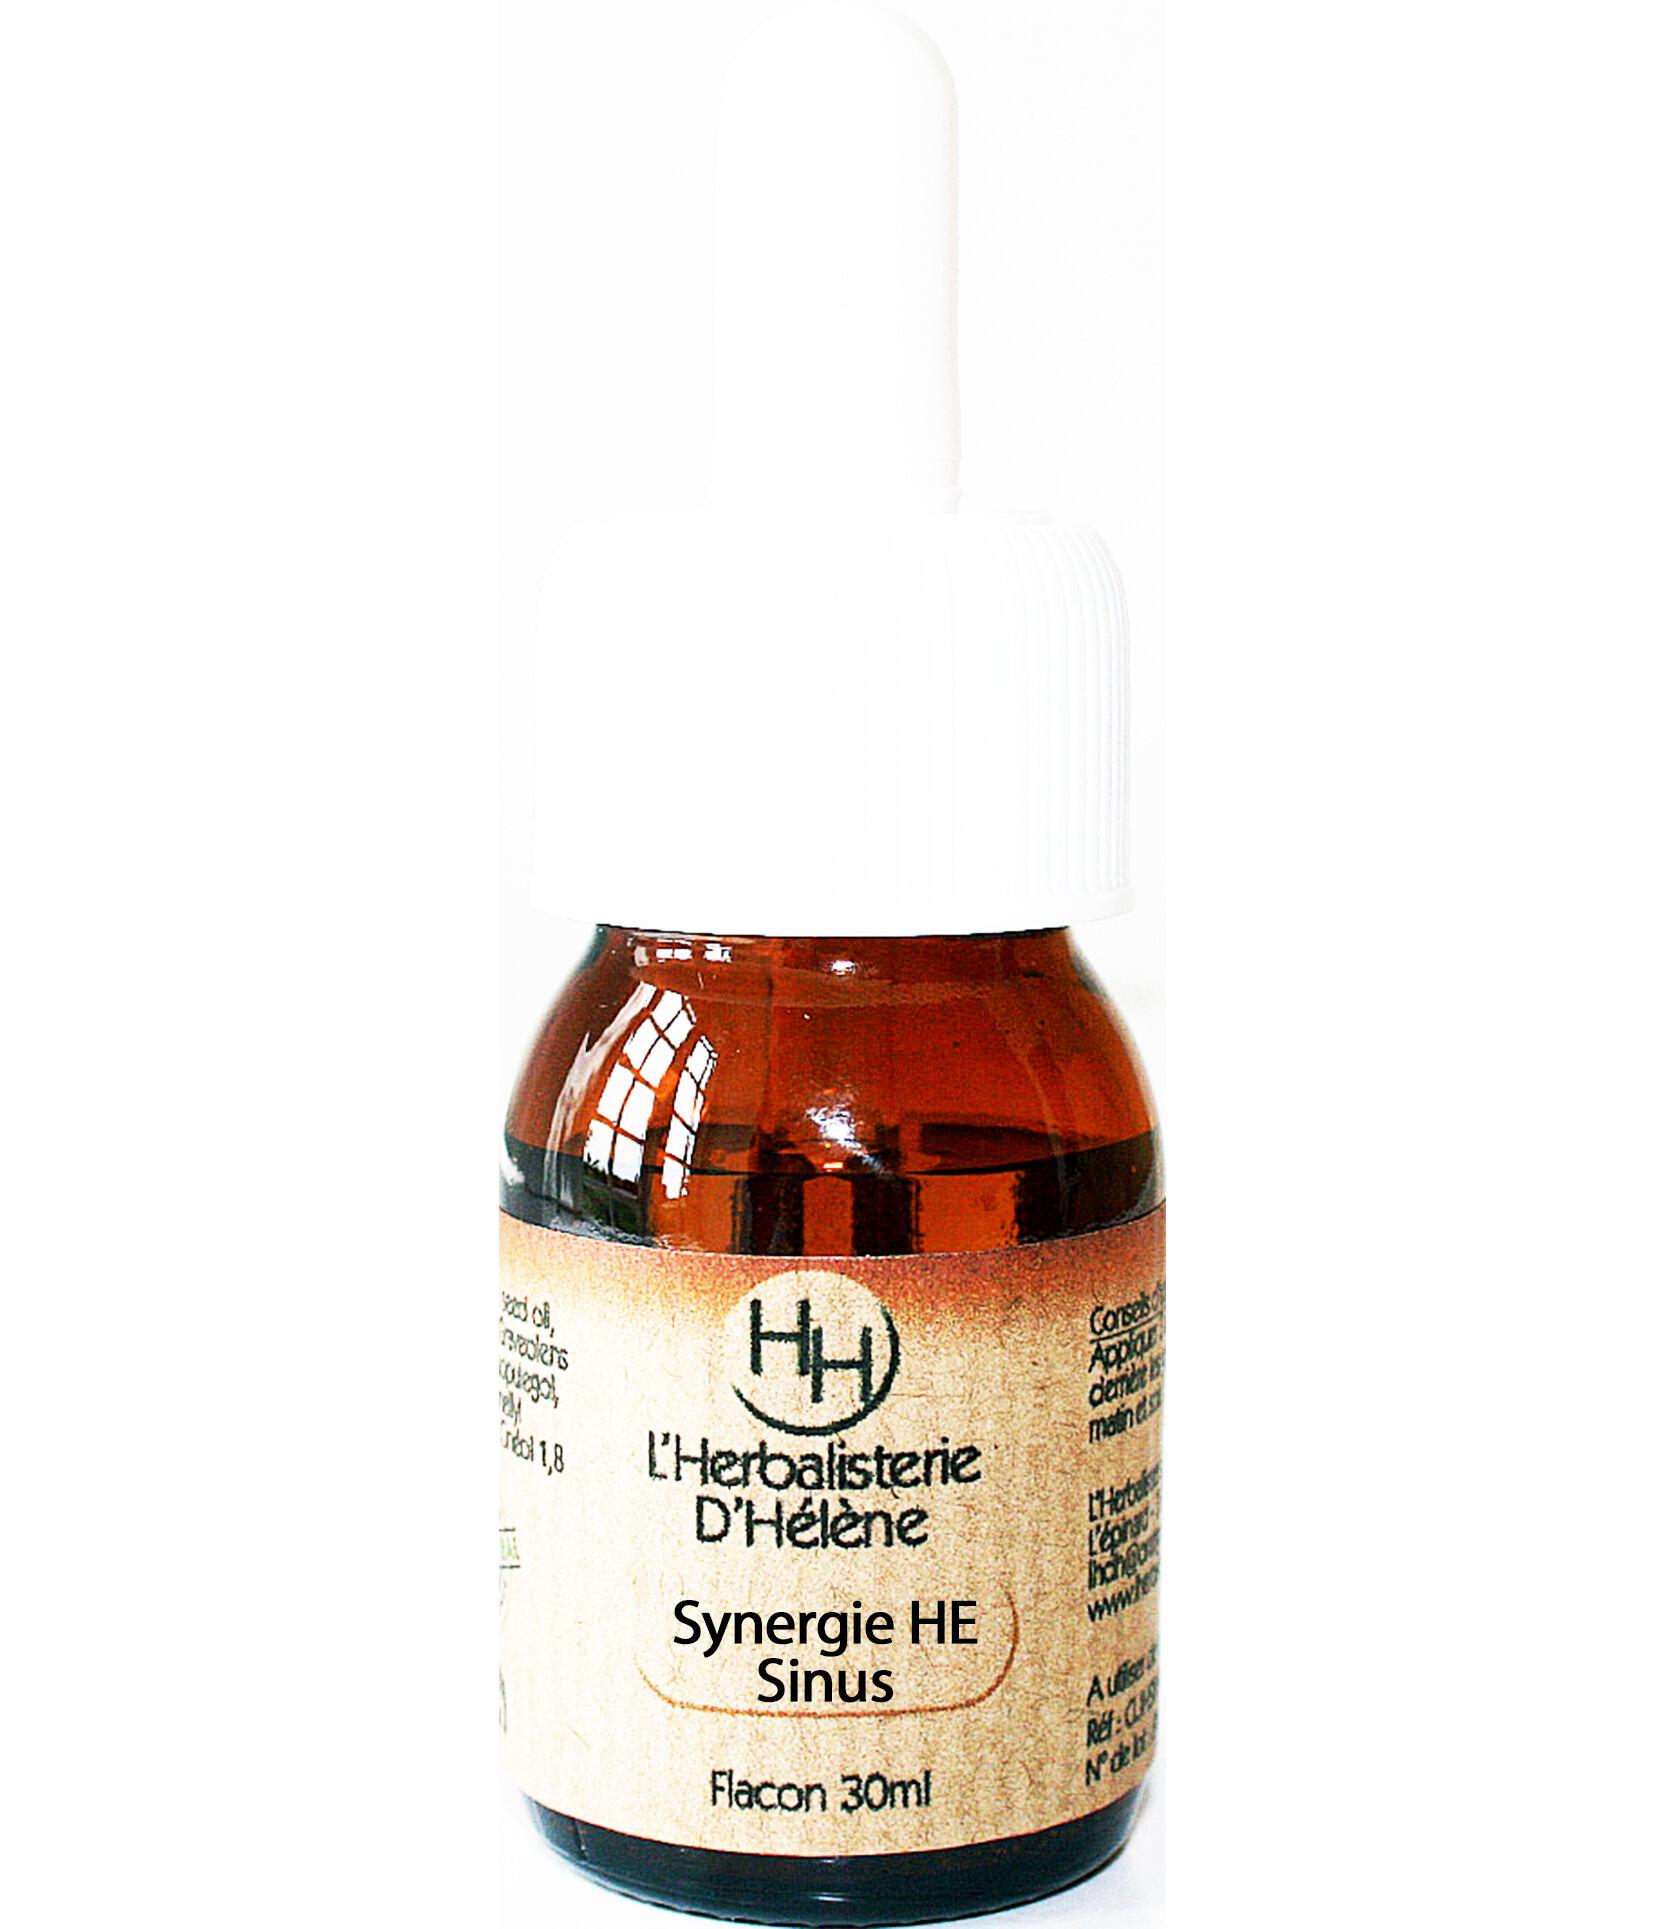 L'herbalisterie D'hélène Synergie HE Sinus, Mélange d'huiles essentielles, 30ml.